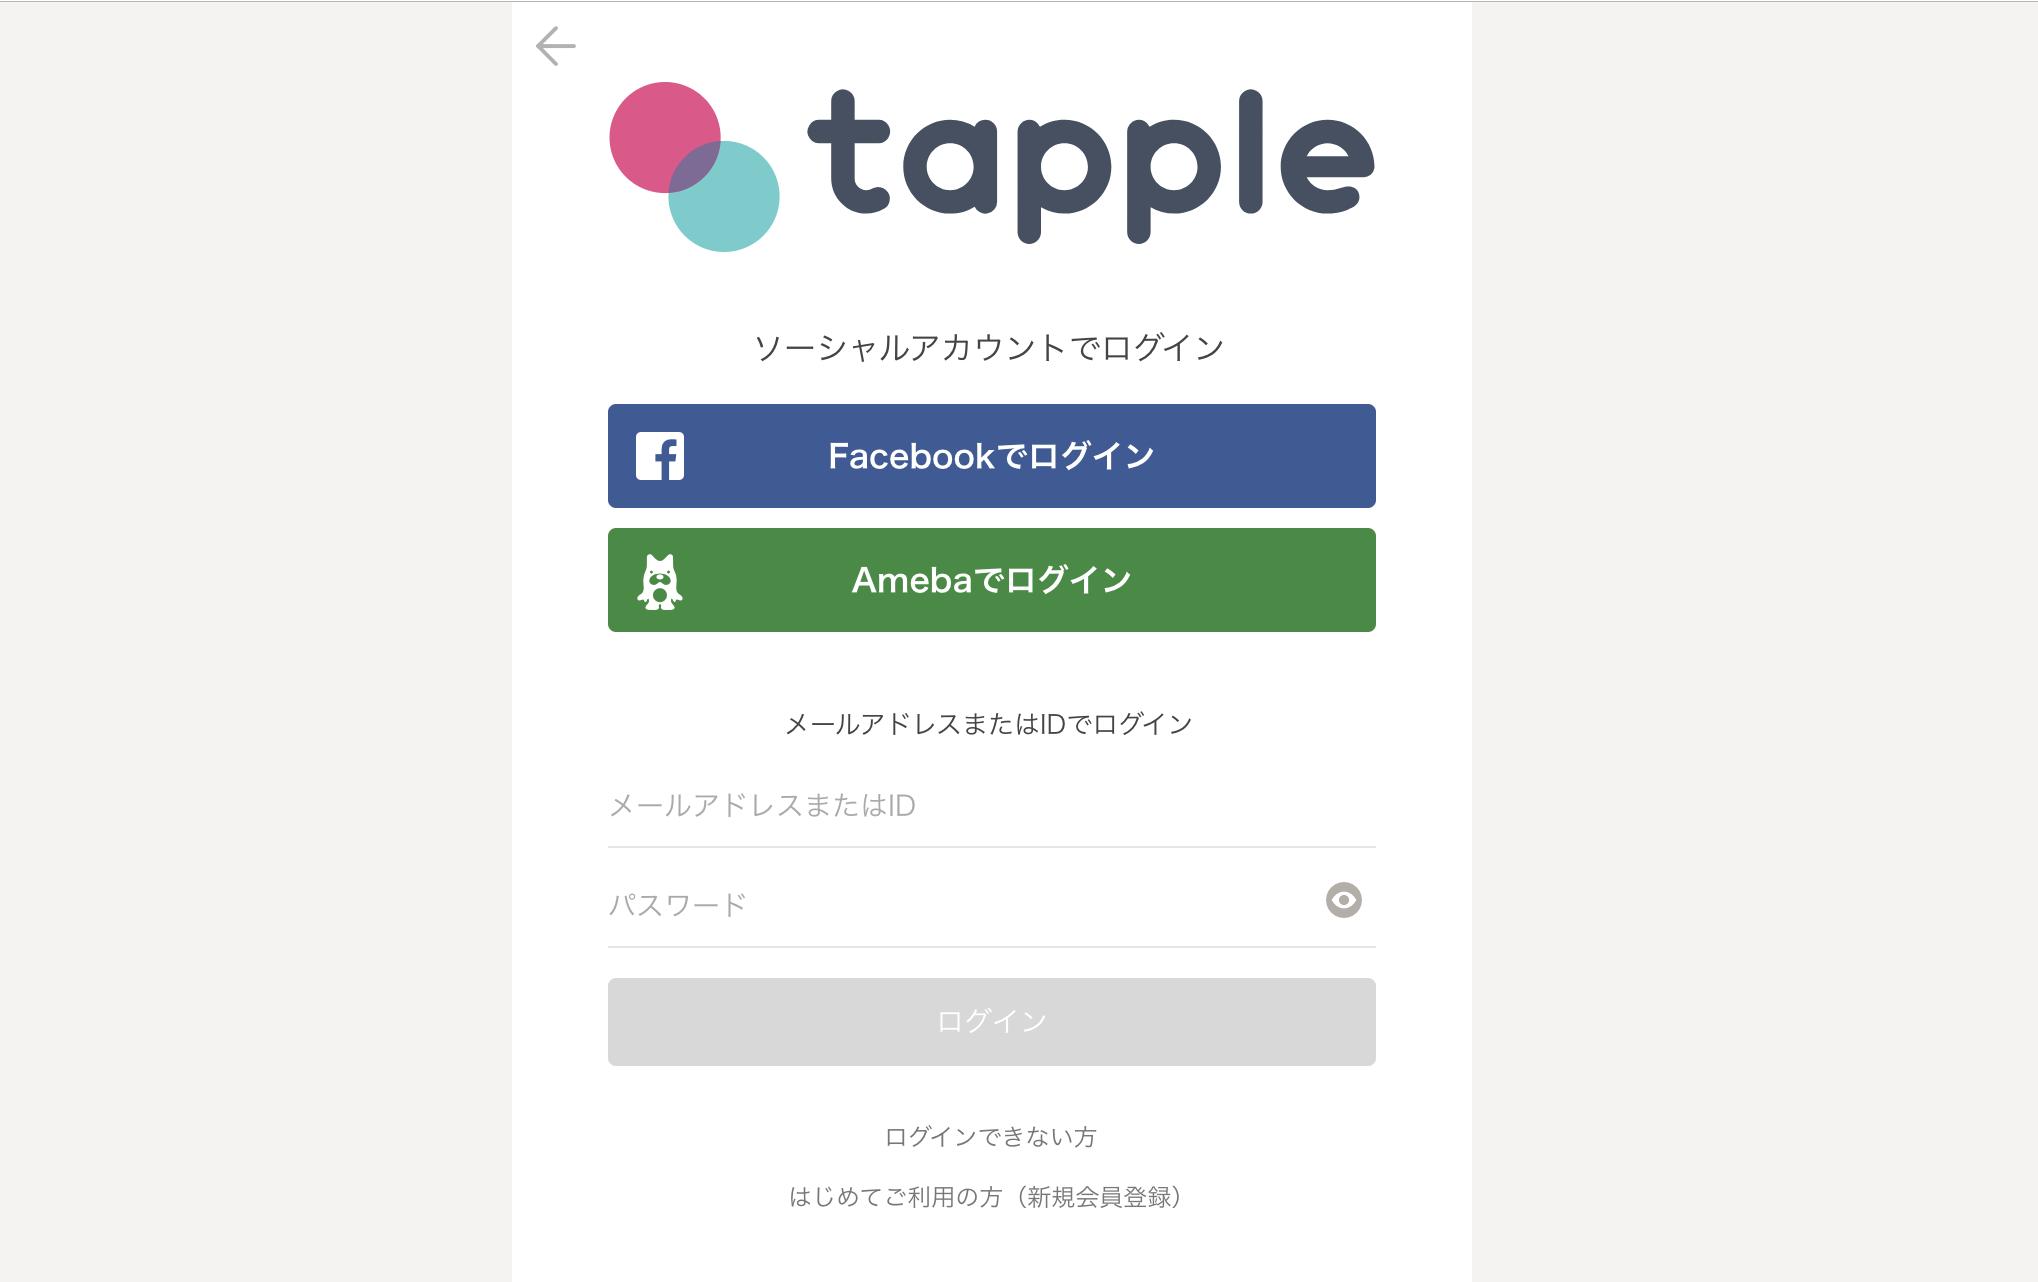 タップル誕生 タップル誕生パソコンPC版の登録ログイン方法とは